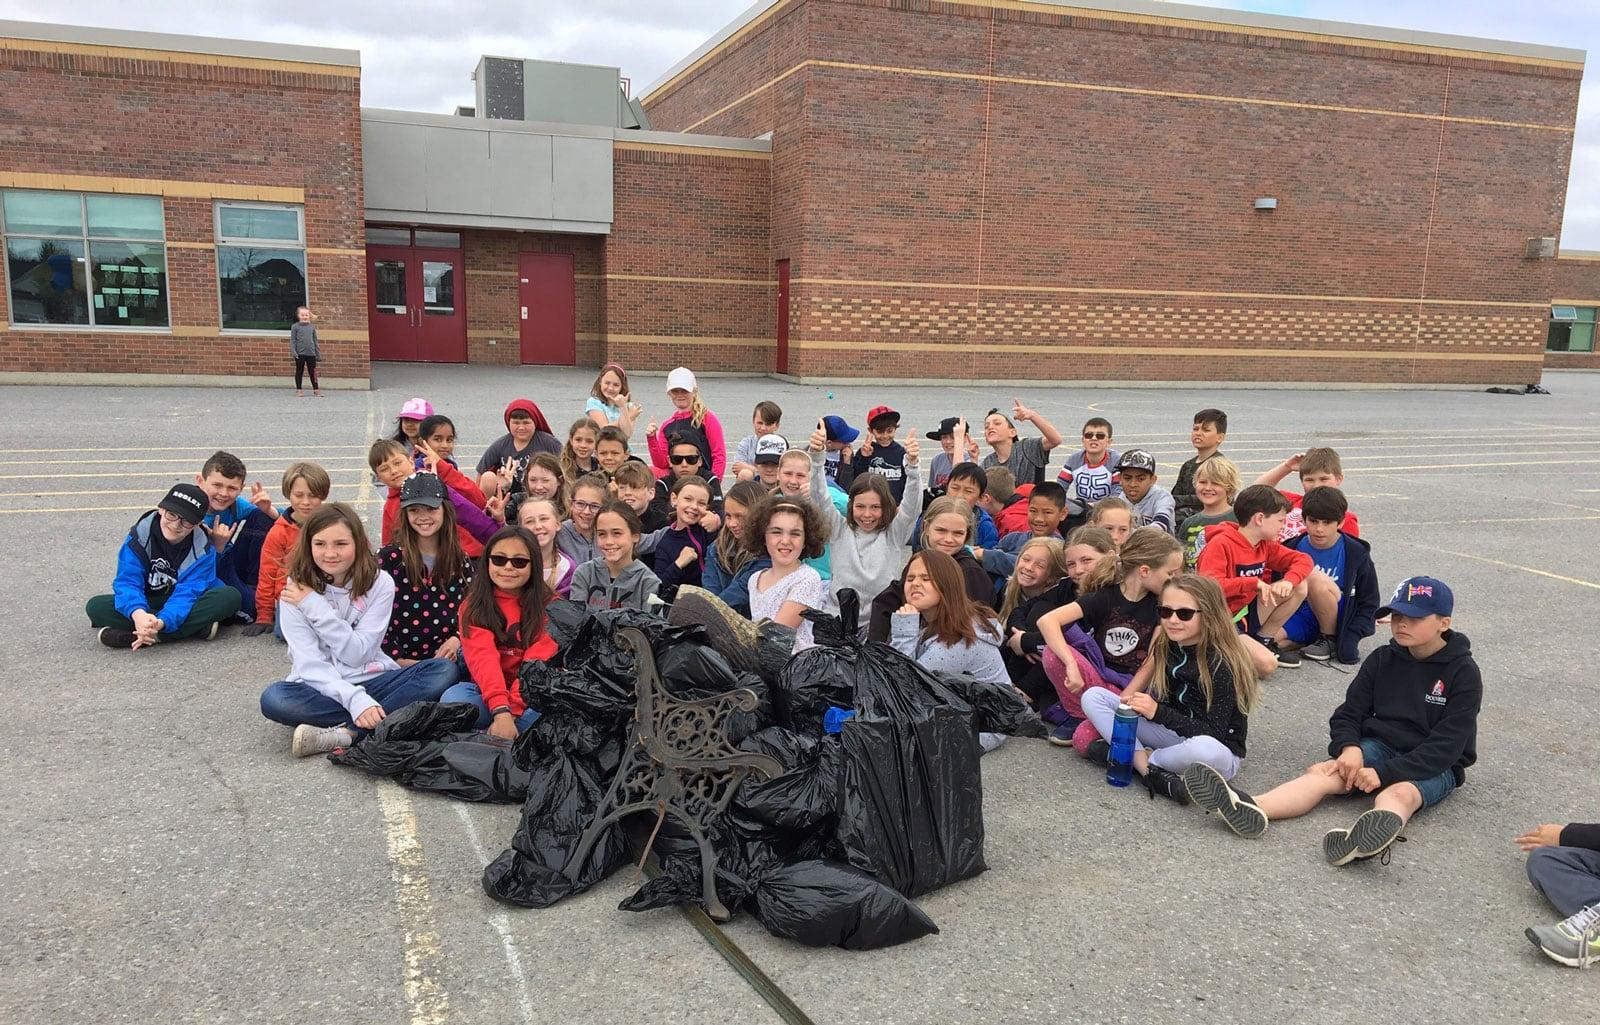 Mme. Barakat's class cleans up the neighbourhood near Guardian Angels School.